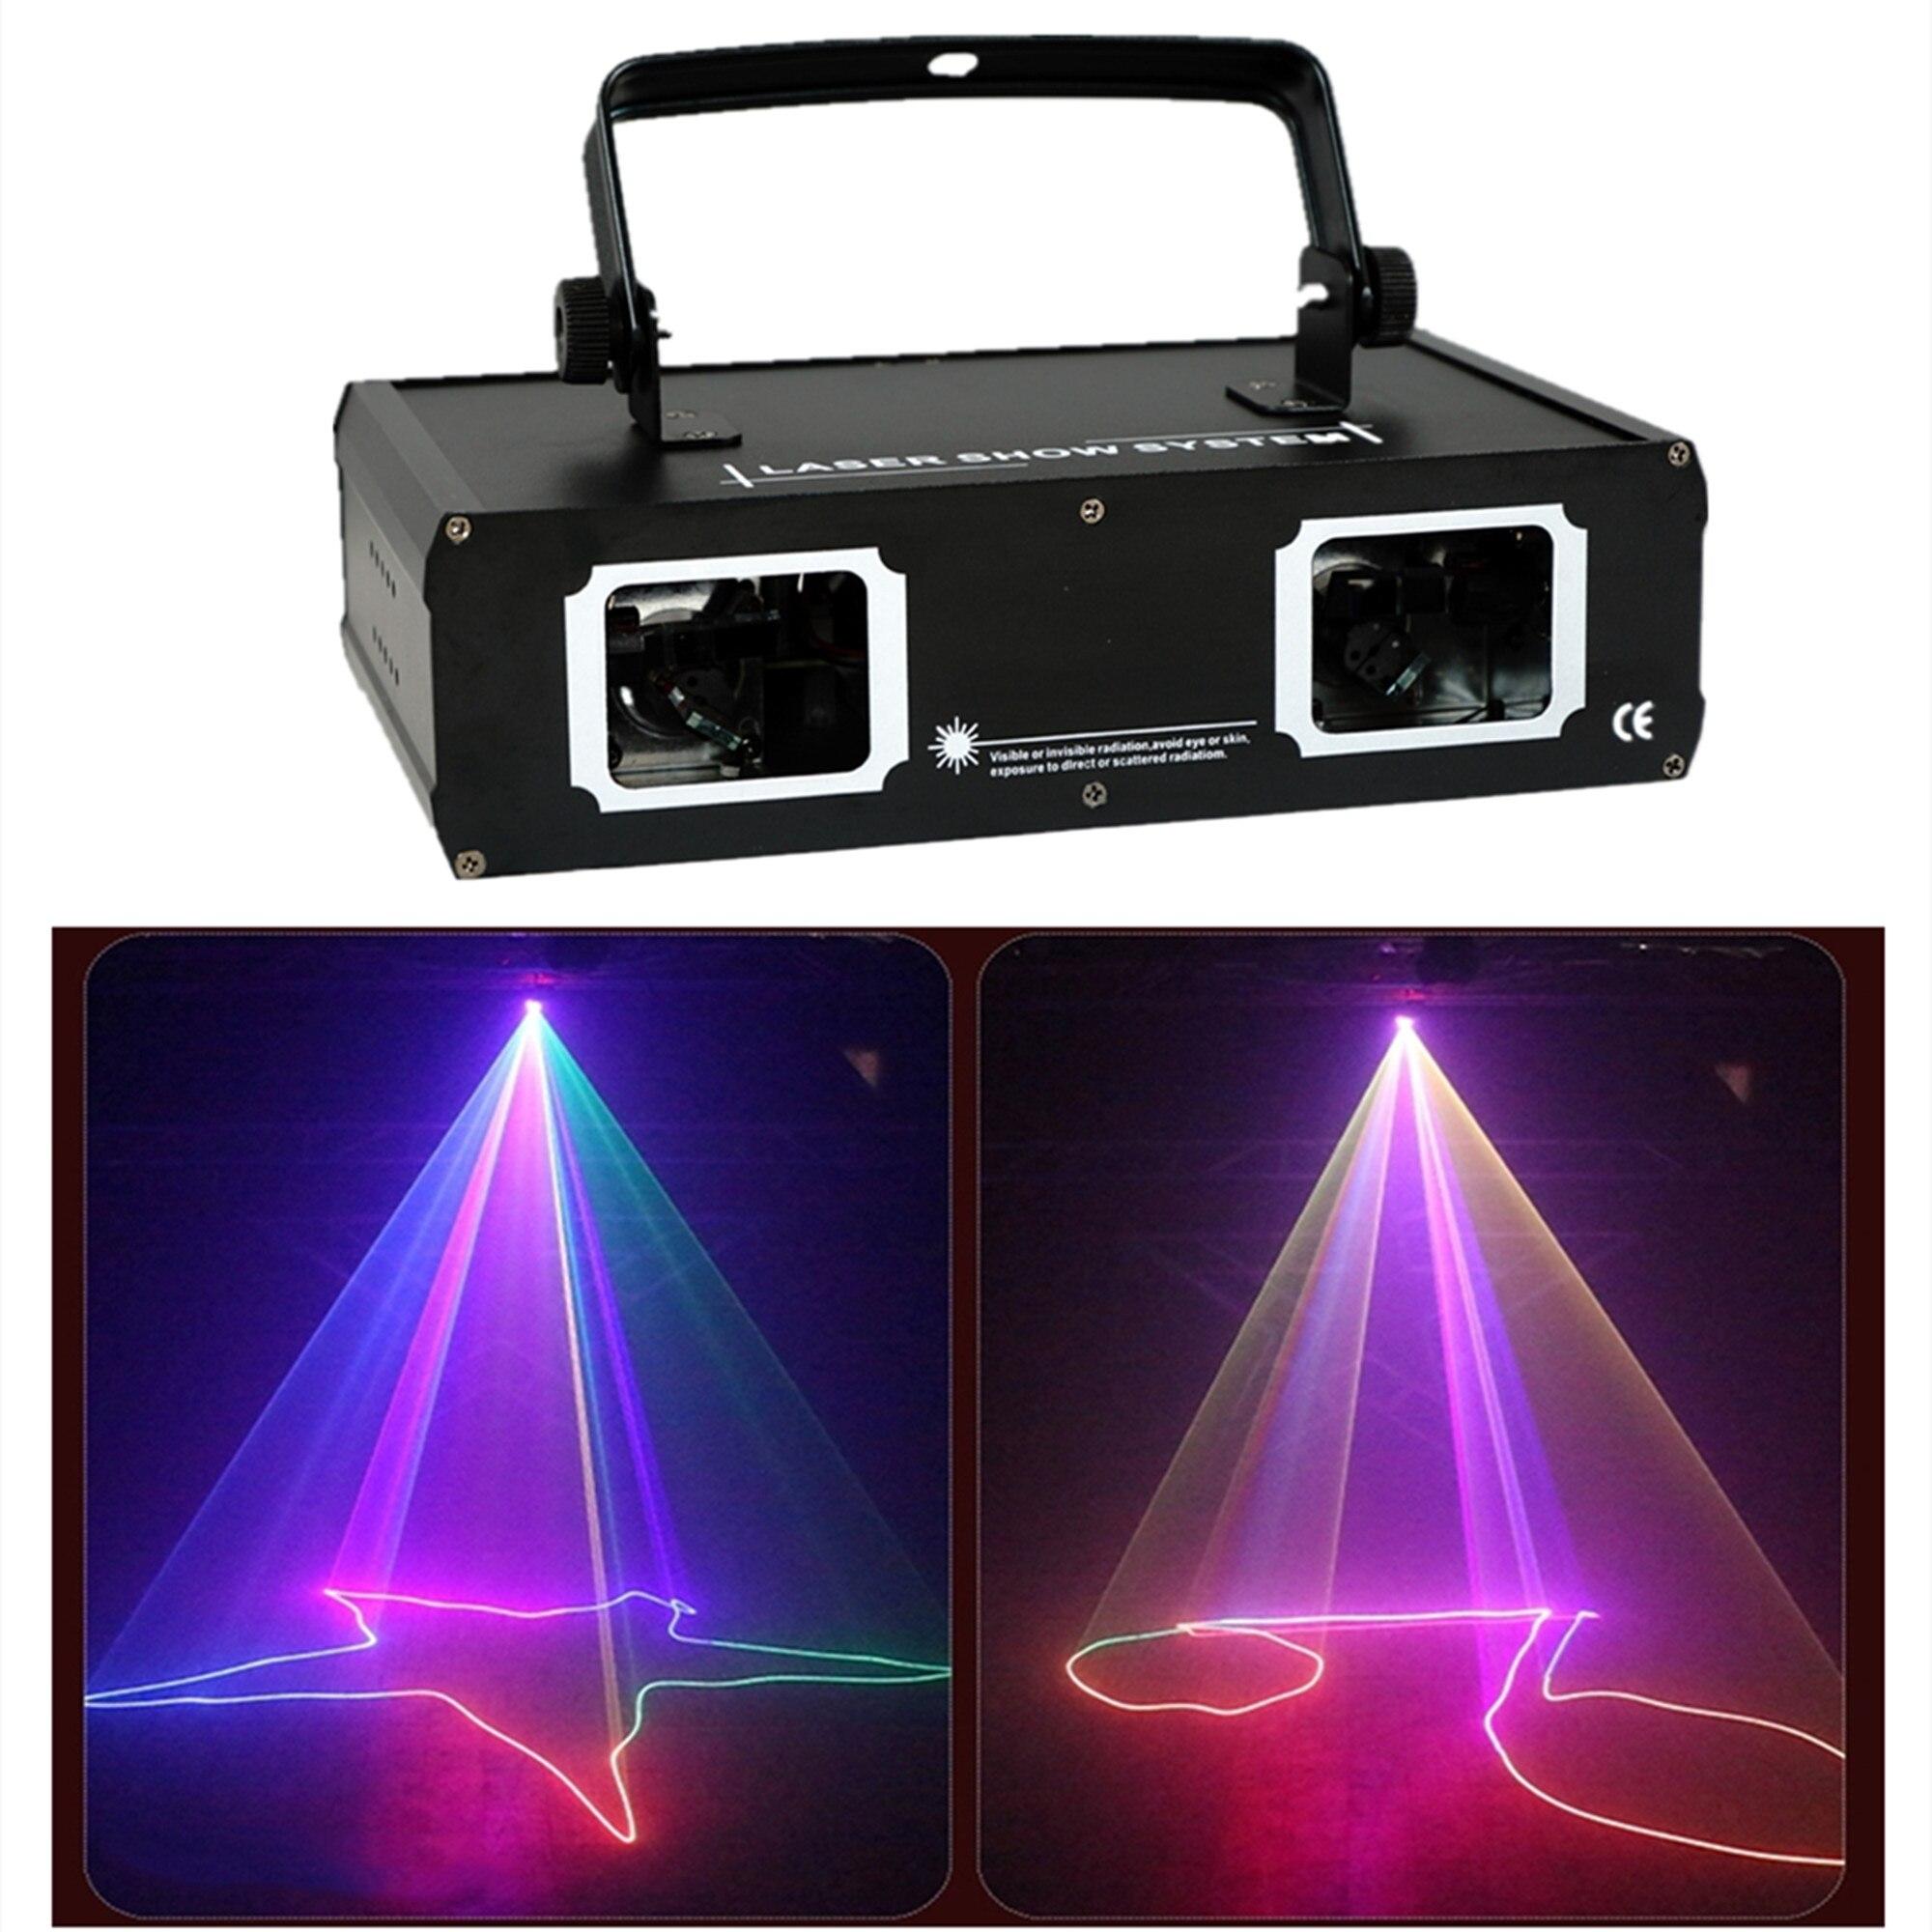 AUCD-proyector de rayo láser para DJ, dispositivo Profesional de iluminación RGB con 2 lentes, rojo, verde y azul, DMX, para fiestas, espectáculos, clubs, vacaciones y escenarios